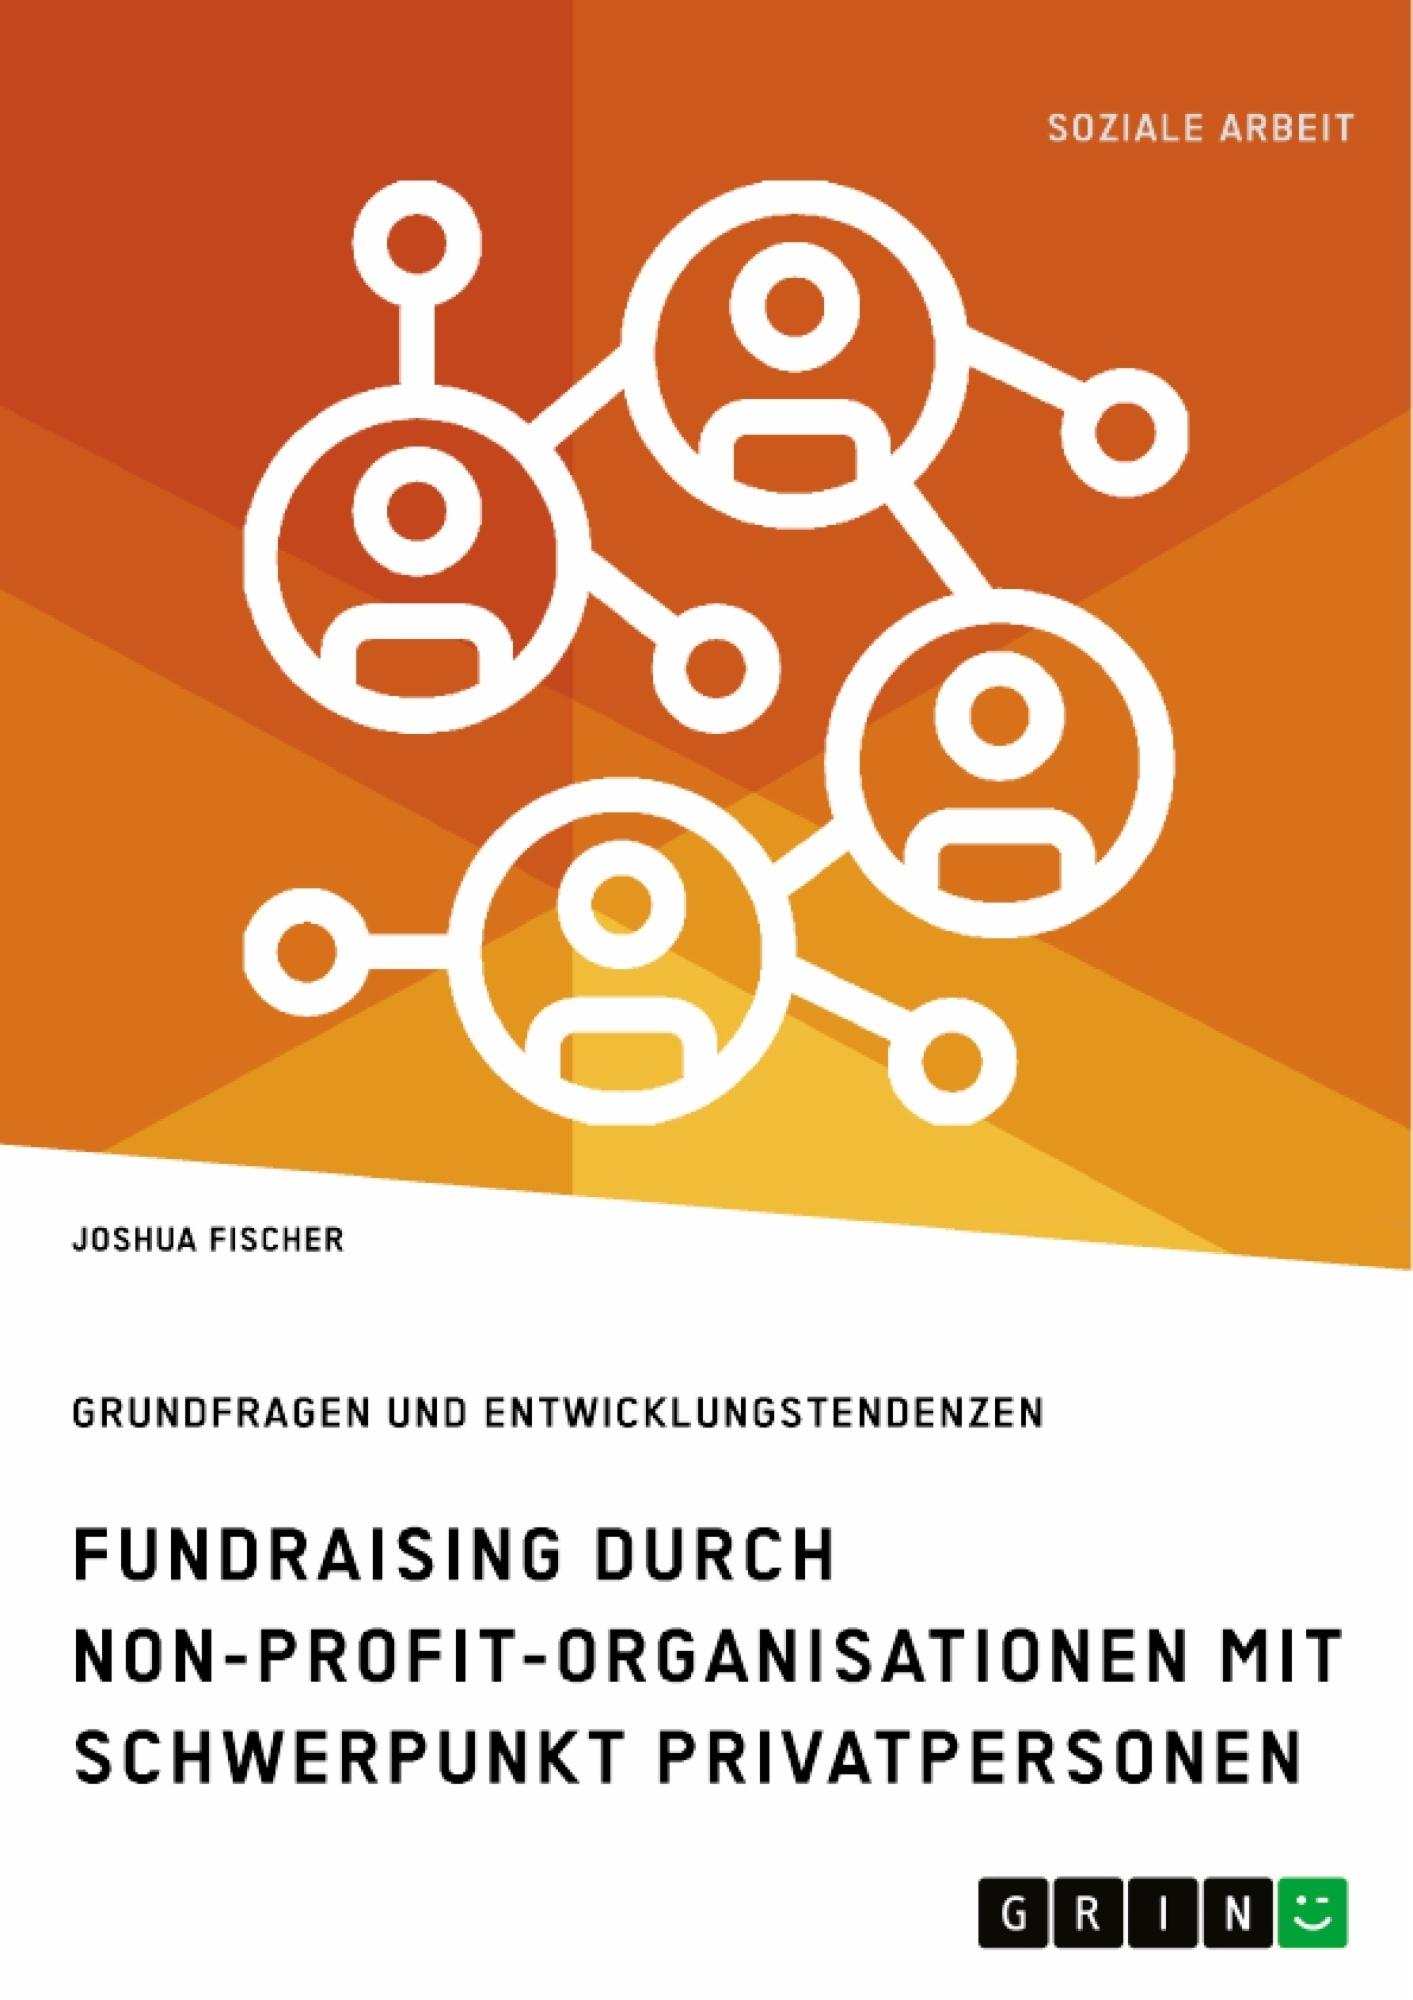 Titel: Fundraising durch Non-Profit-Organisationen mit Schwerpunkt Privatpersonen in Deutschland